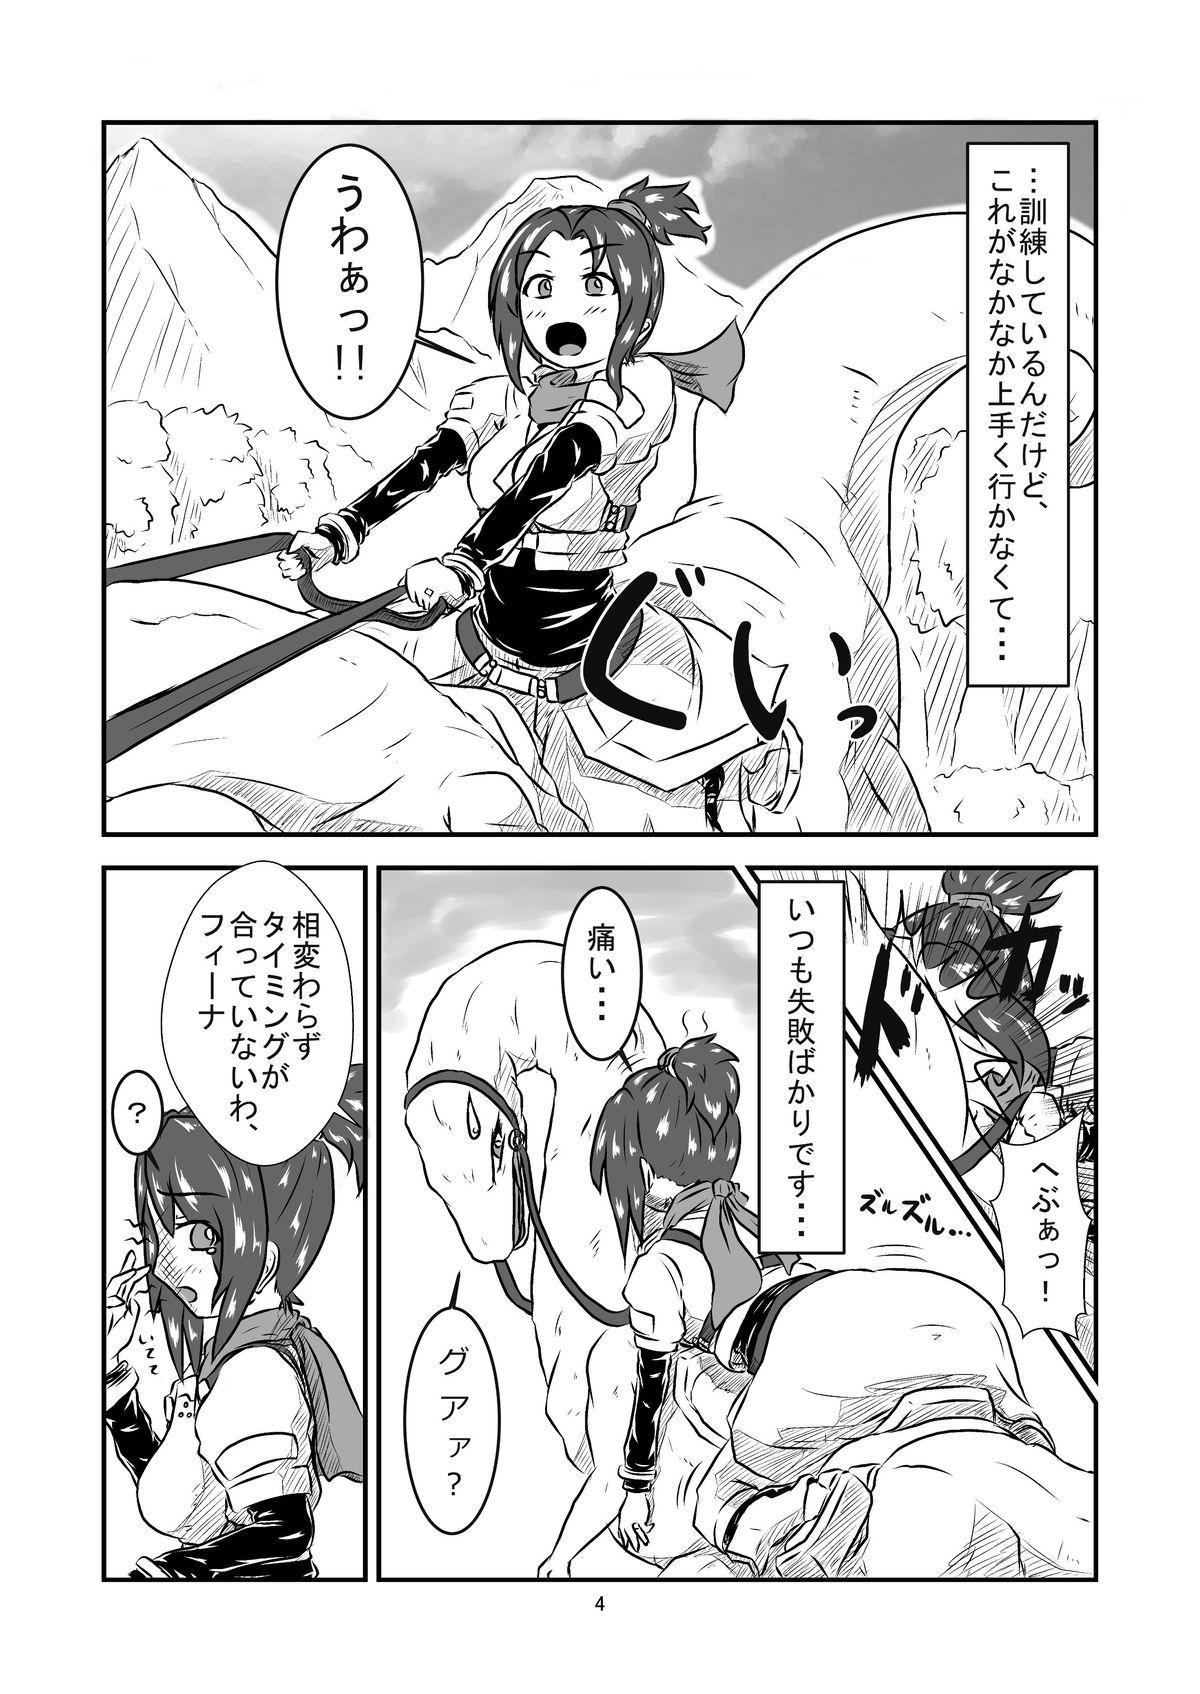 Marunomi Hanashi 3